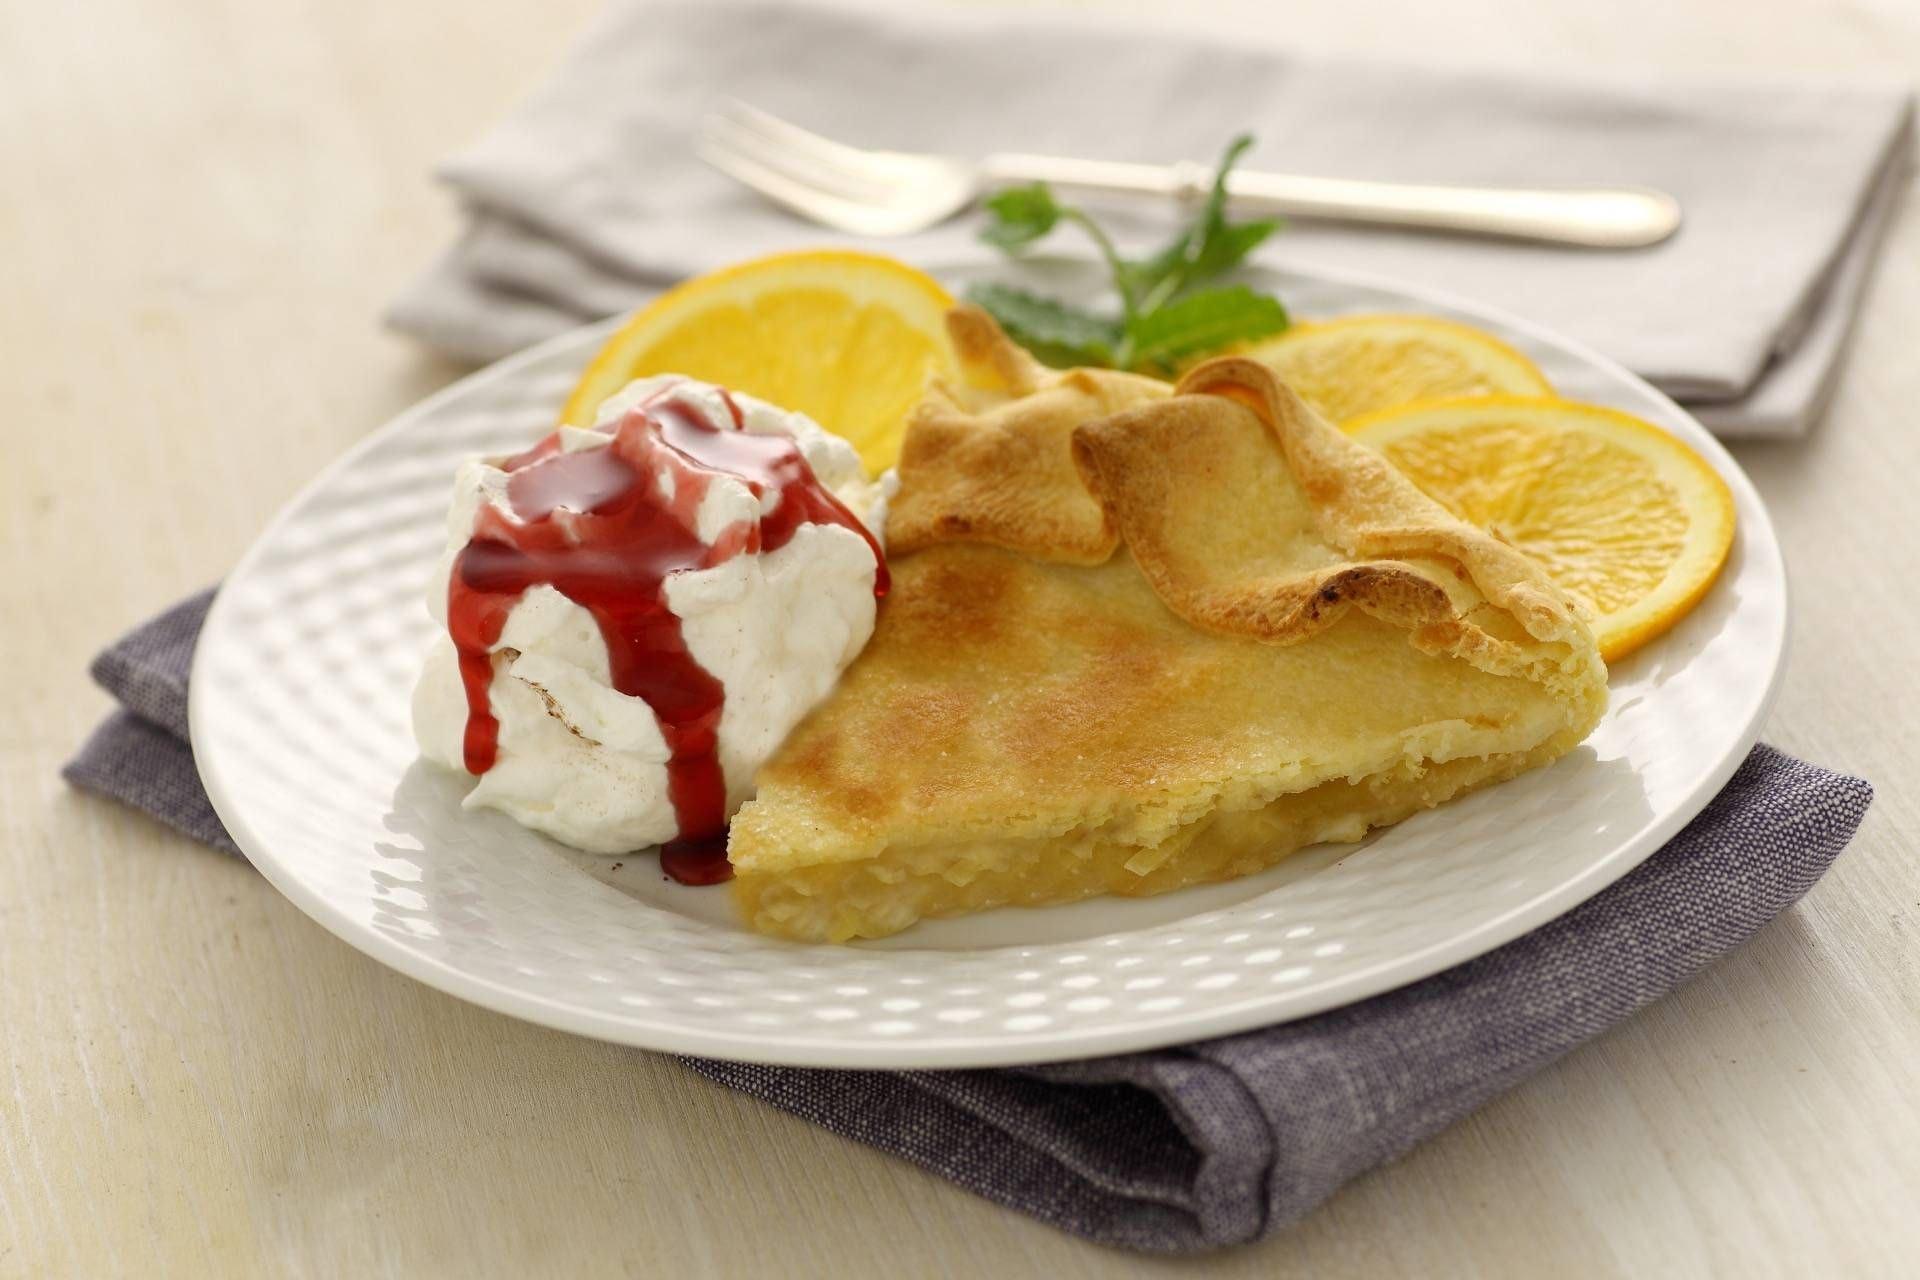 Torta pere e cannella - Parmalat